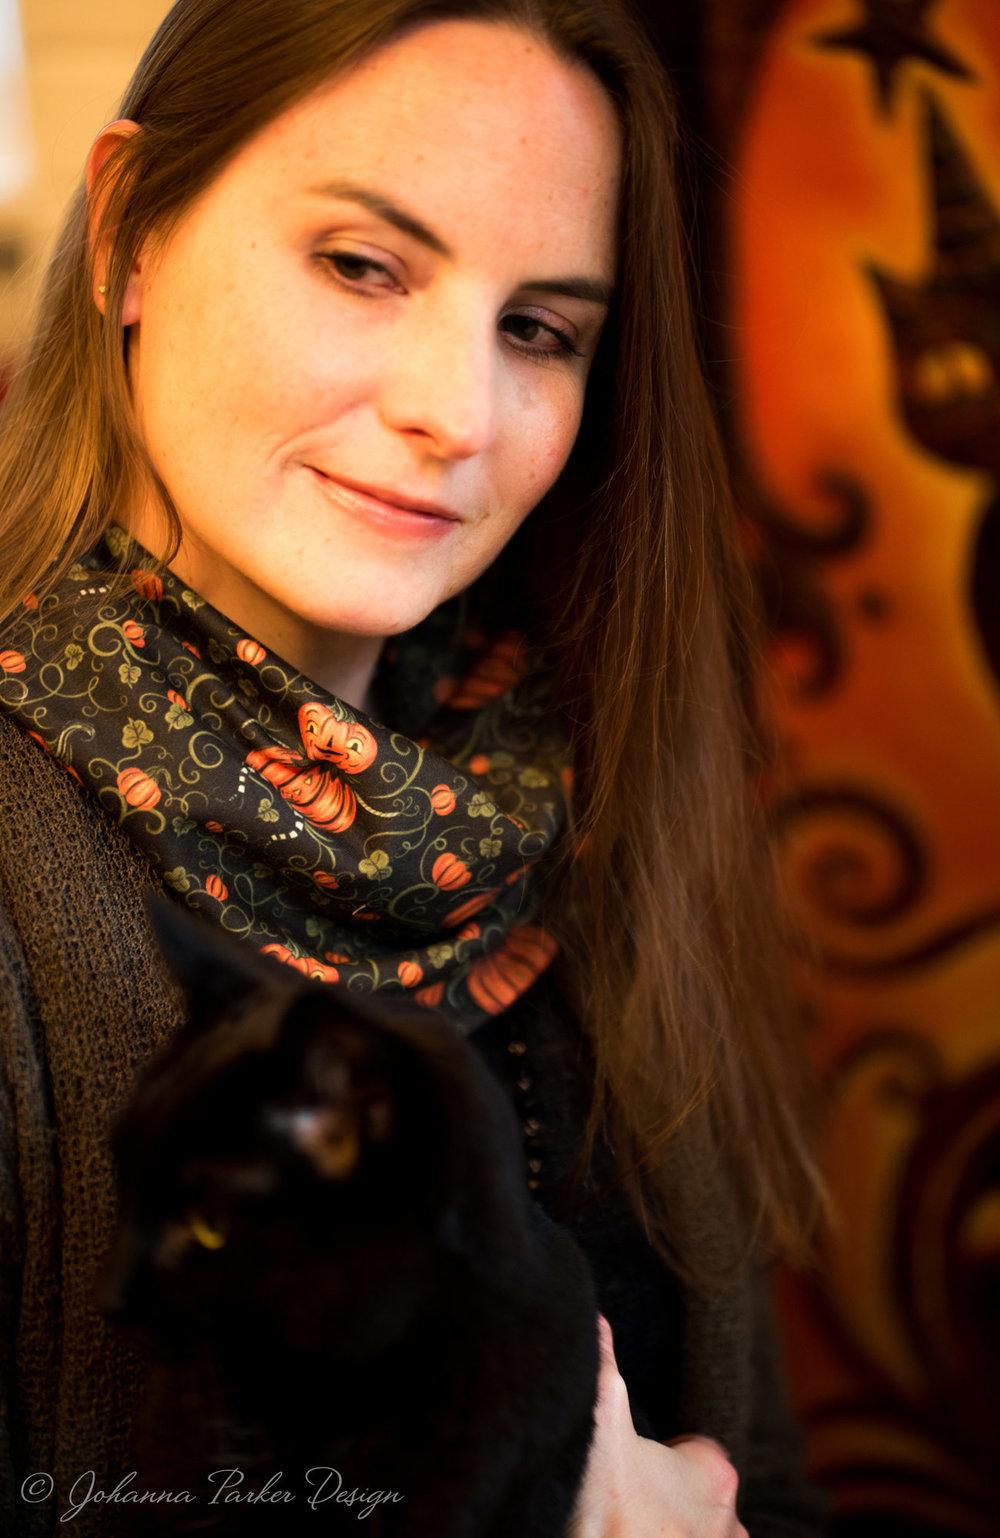 Johanna-Parker-&-Jack-2.jpg